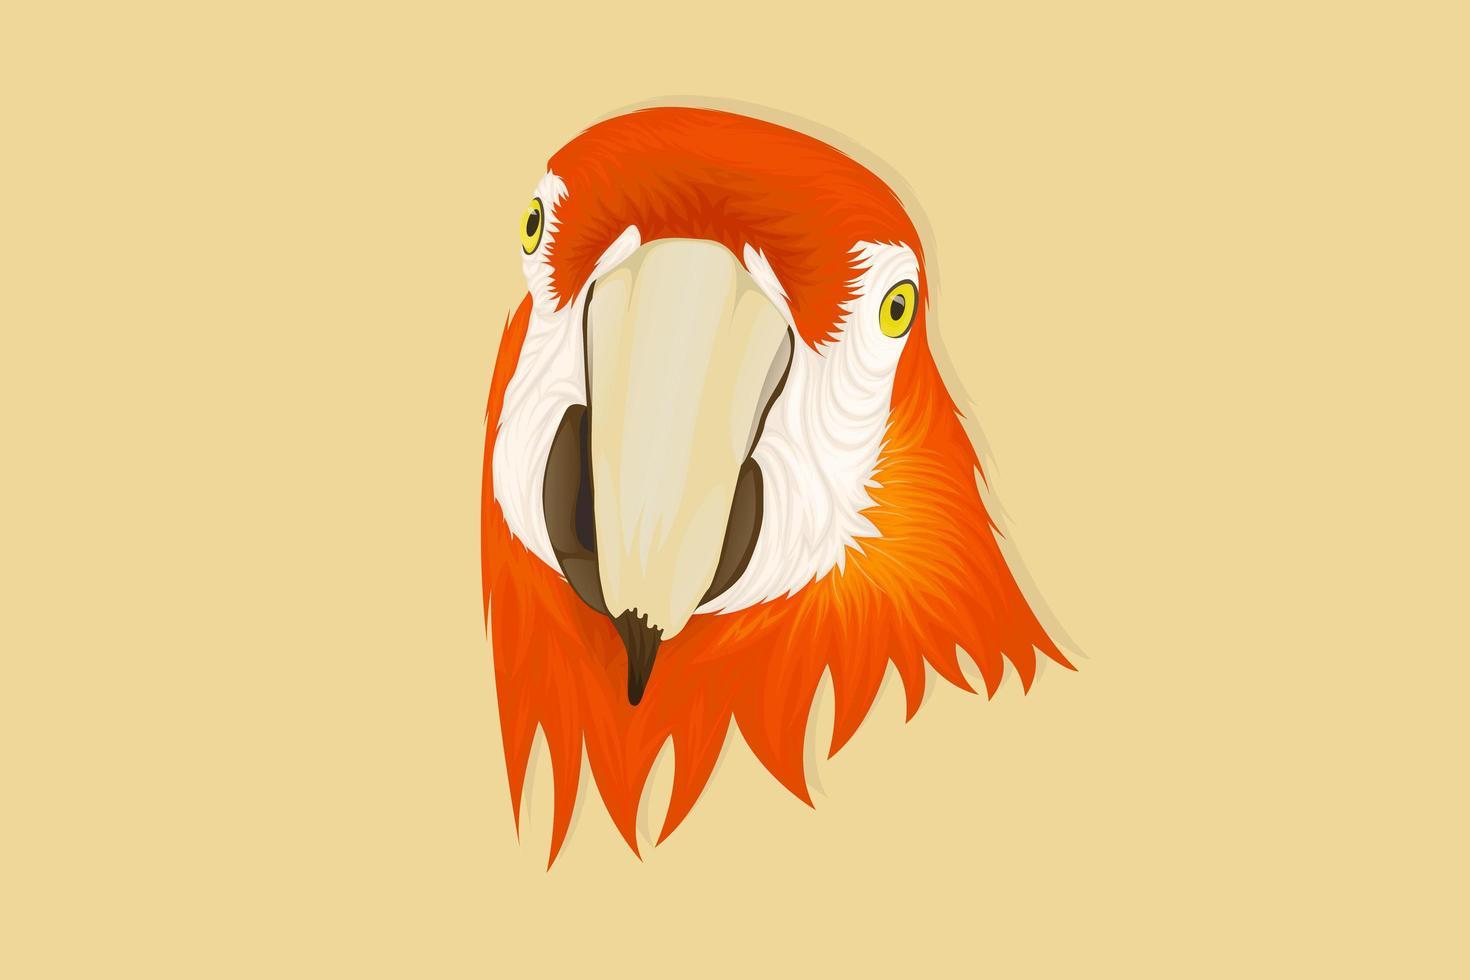 pappagallo rivolto in avanti in stile realistico di disegno a mano vettore